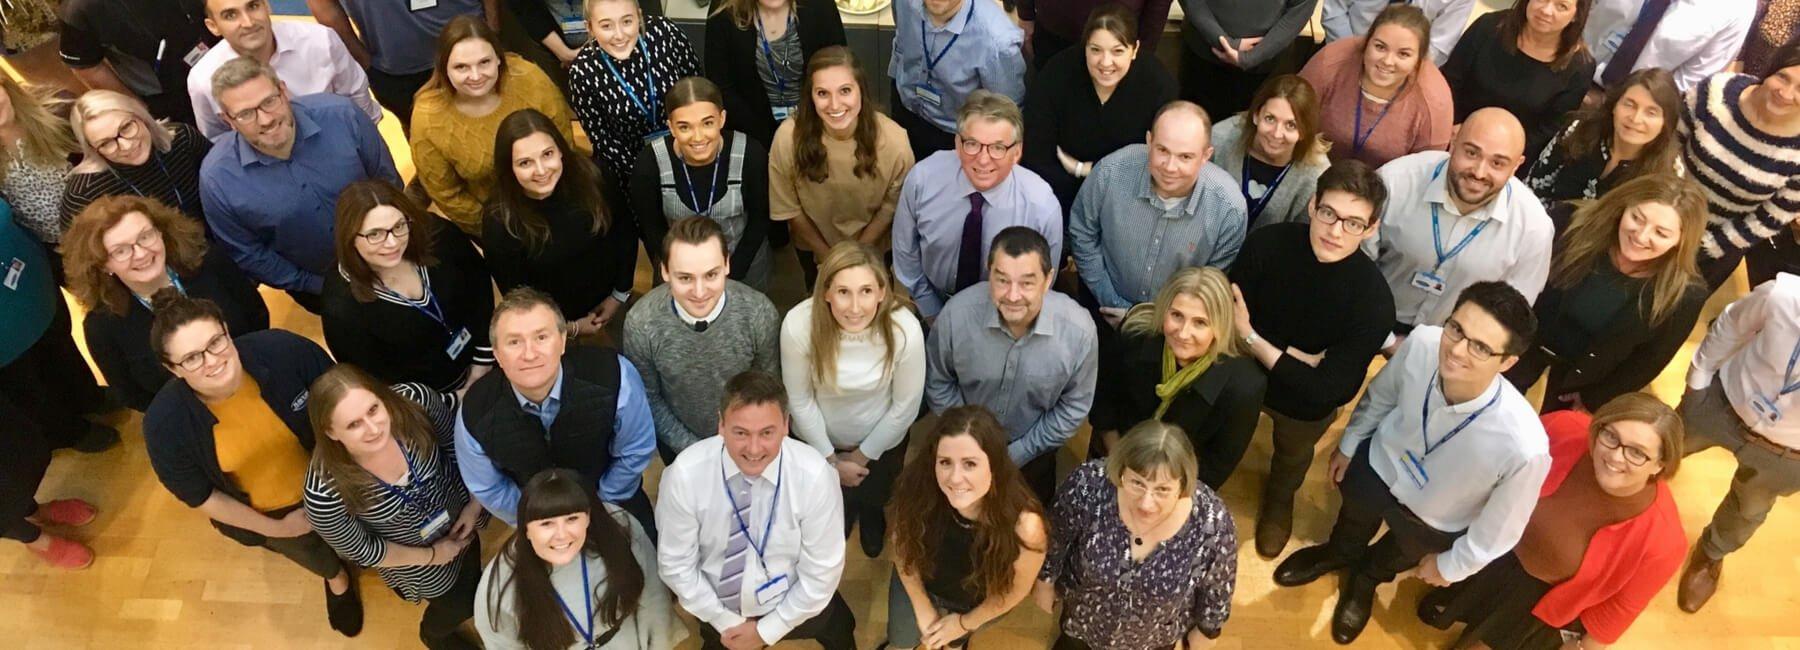 Havebury Housing Development staff